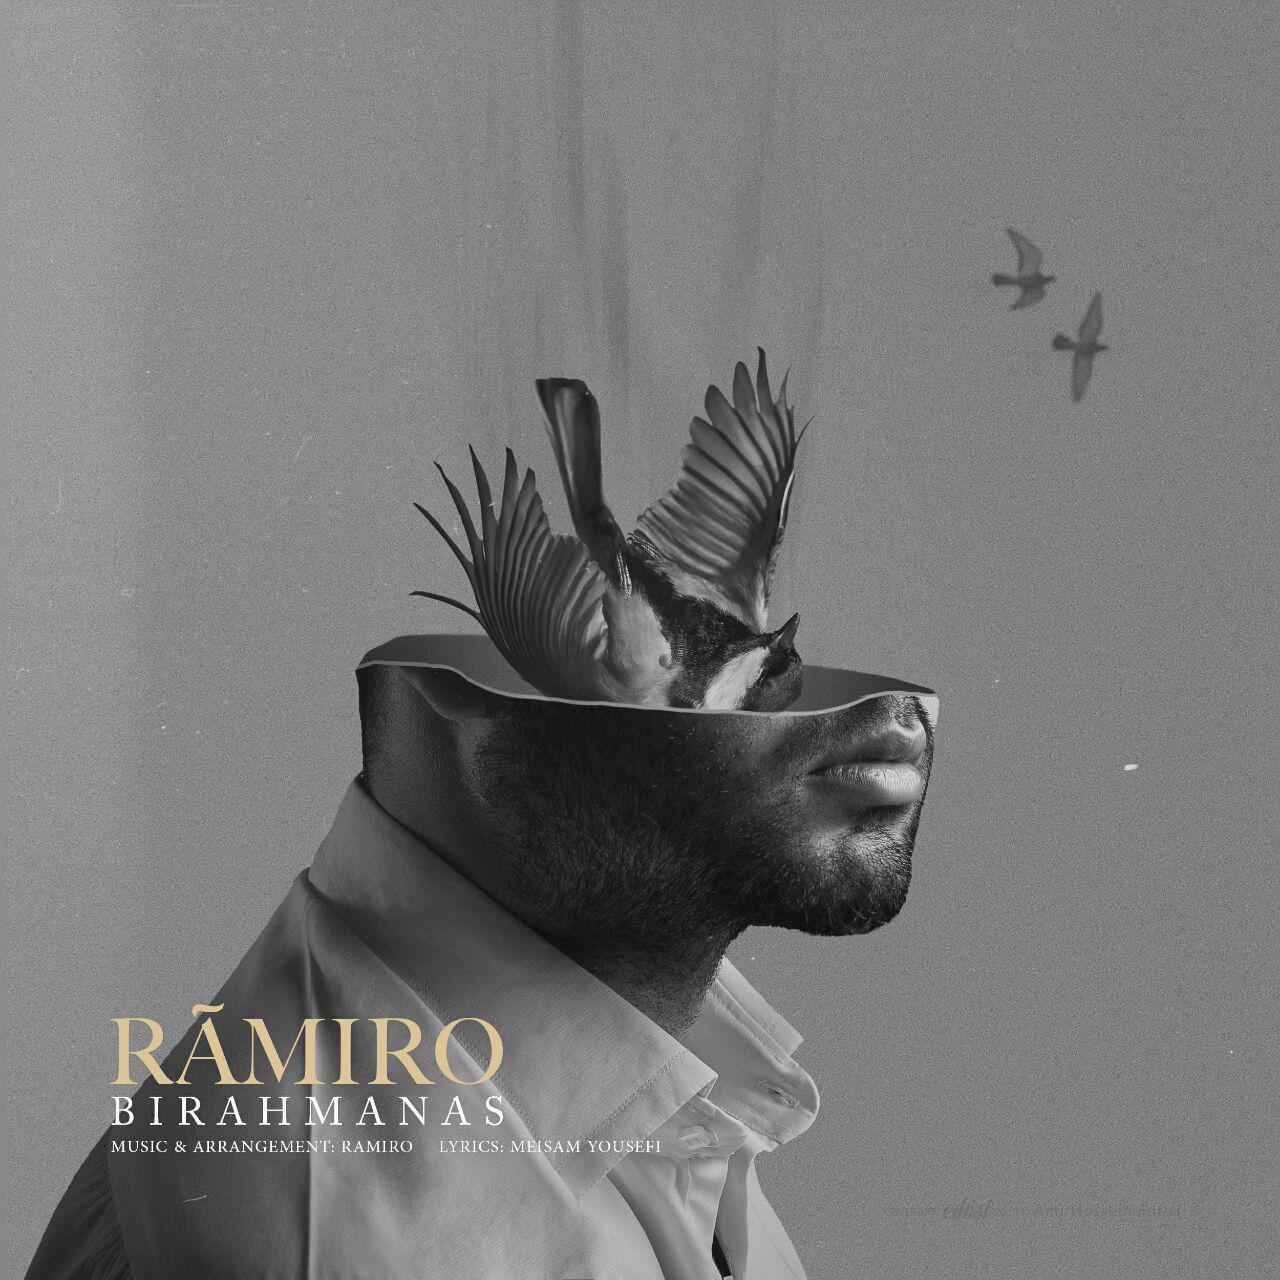 آهنگ جدید و فوق العاده زیبای رامیرو به نام بی رحمانس